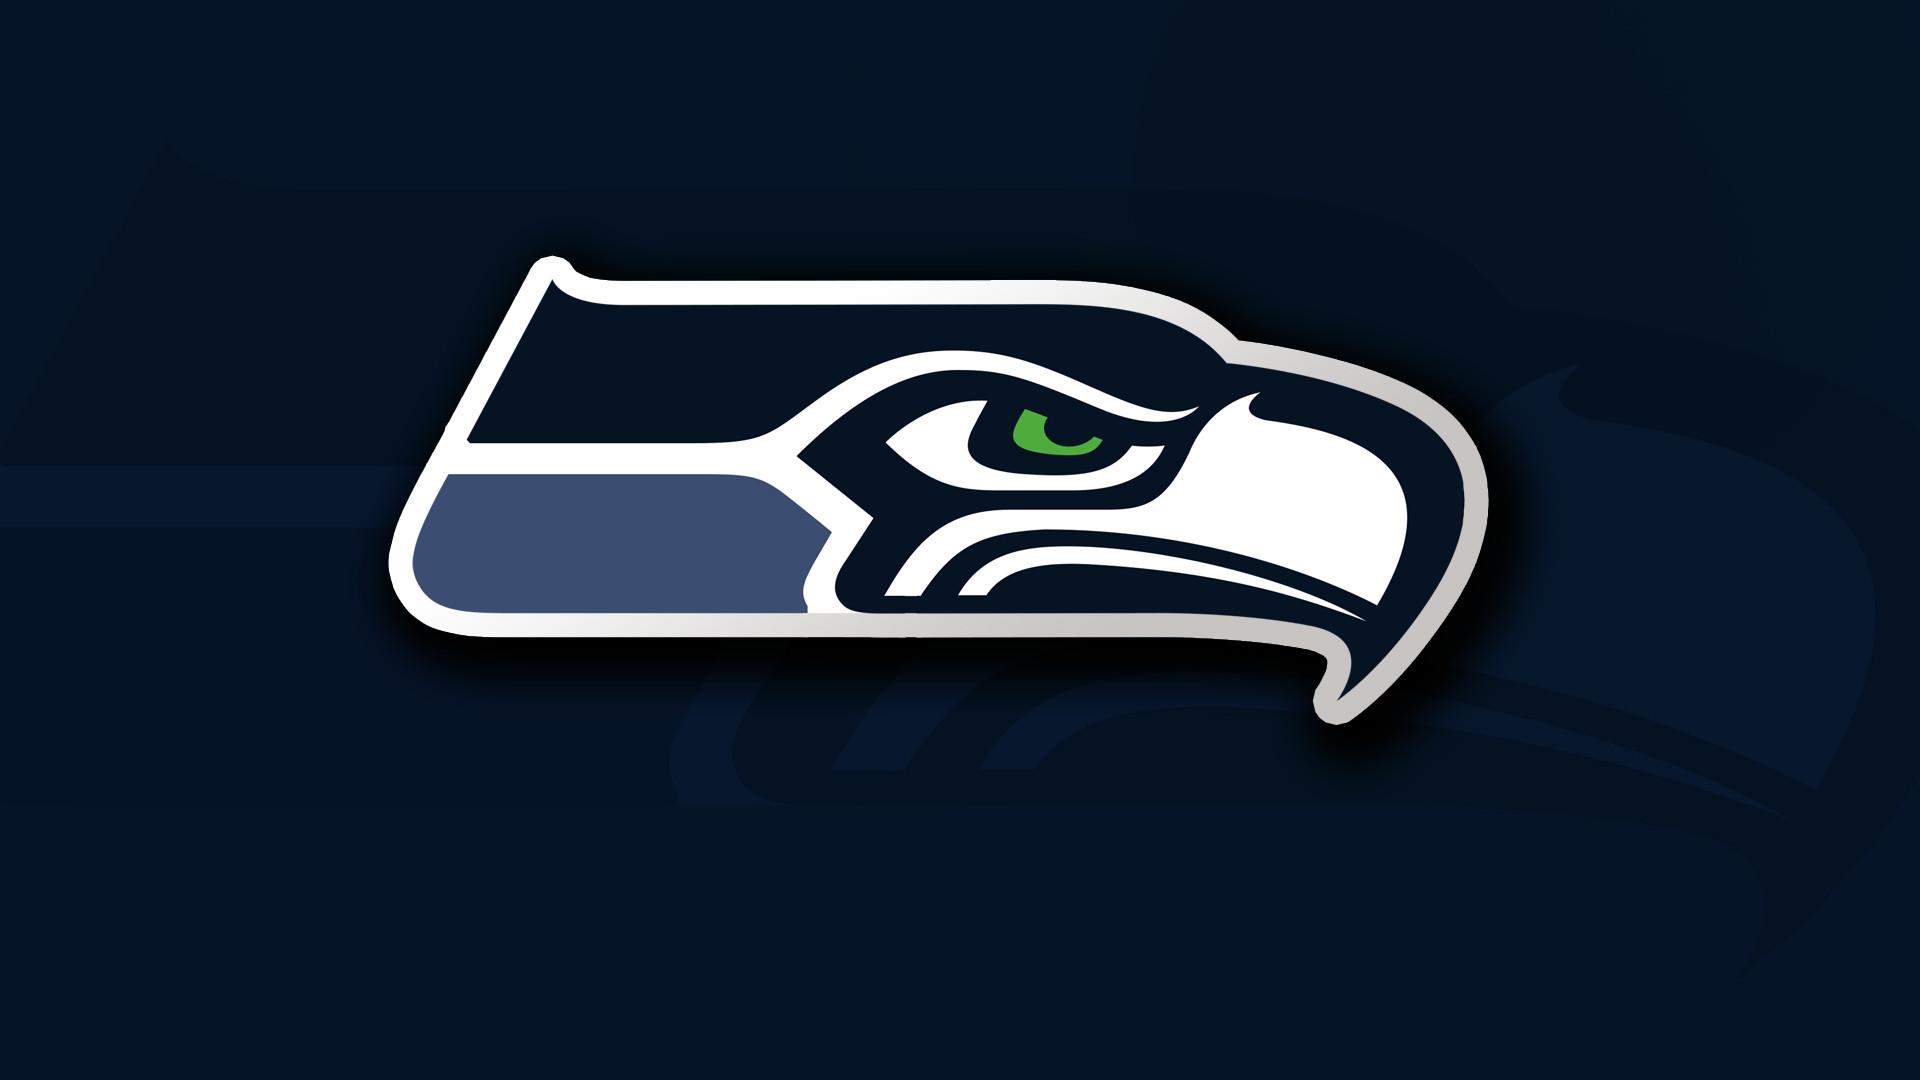 Seattle Seahawks Logo wallpaper